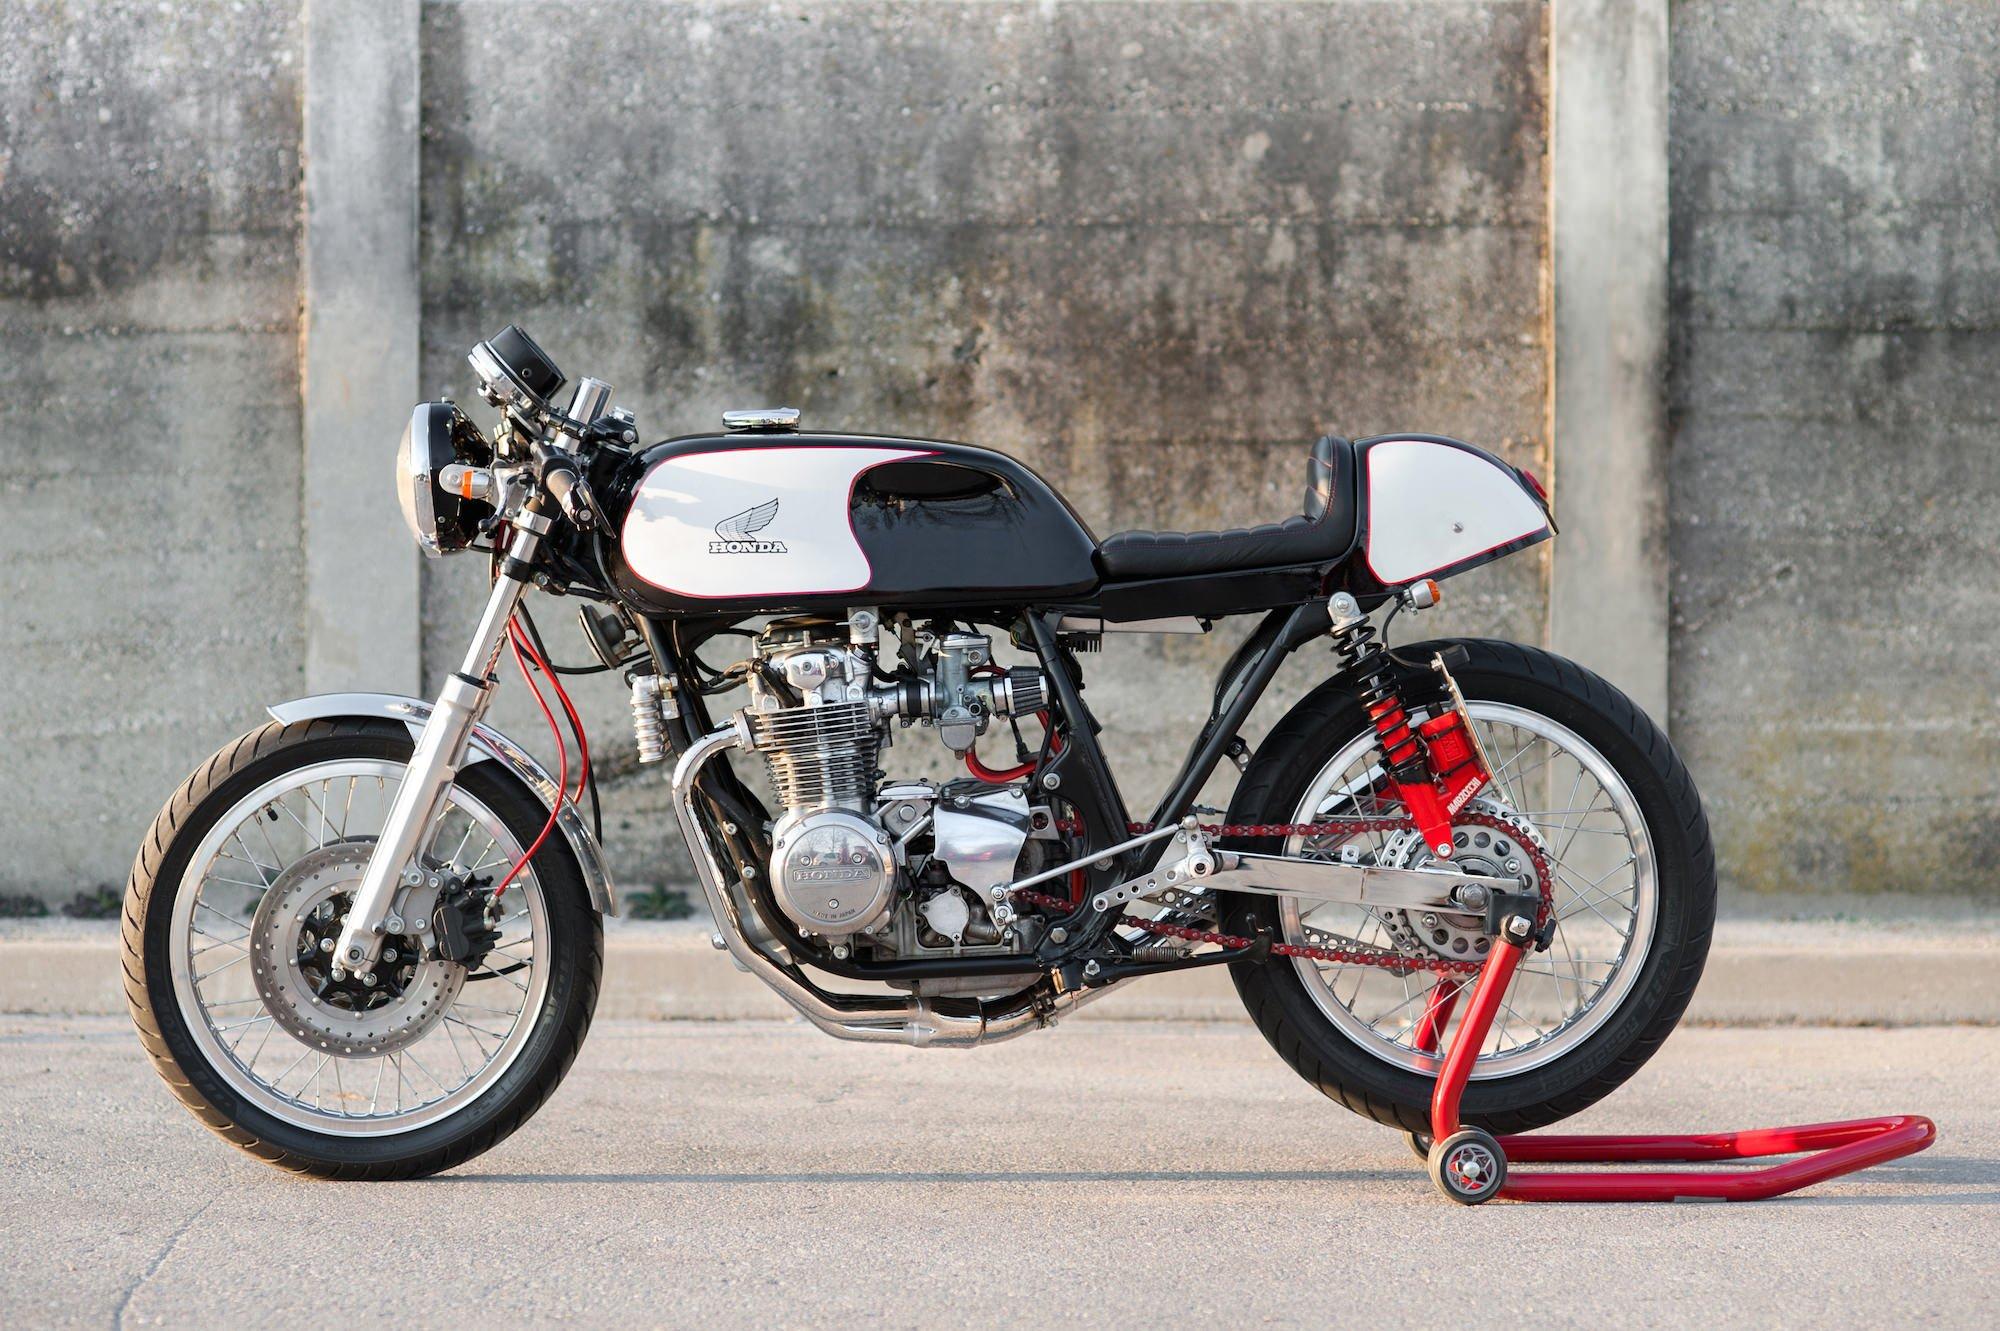 Visit Matej's website here. Honda CB550 Cafe Racer 1